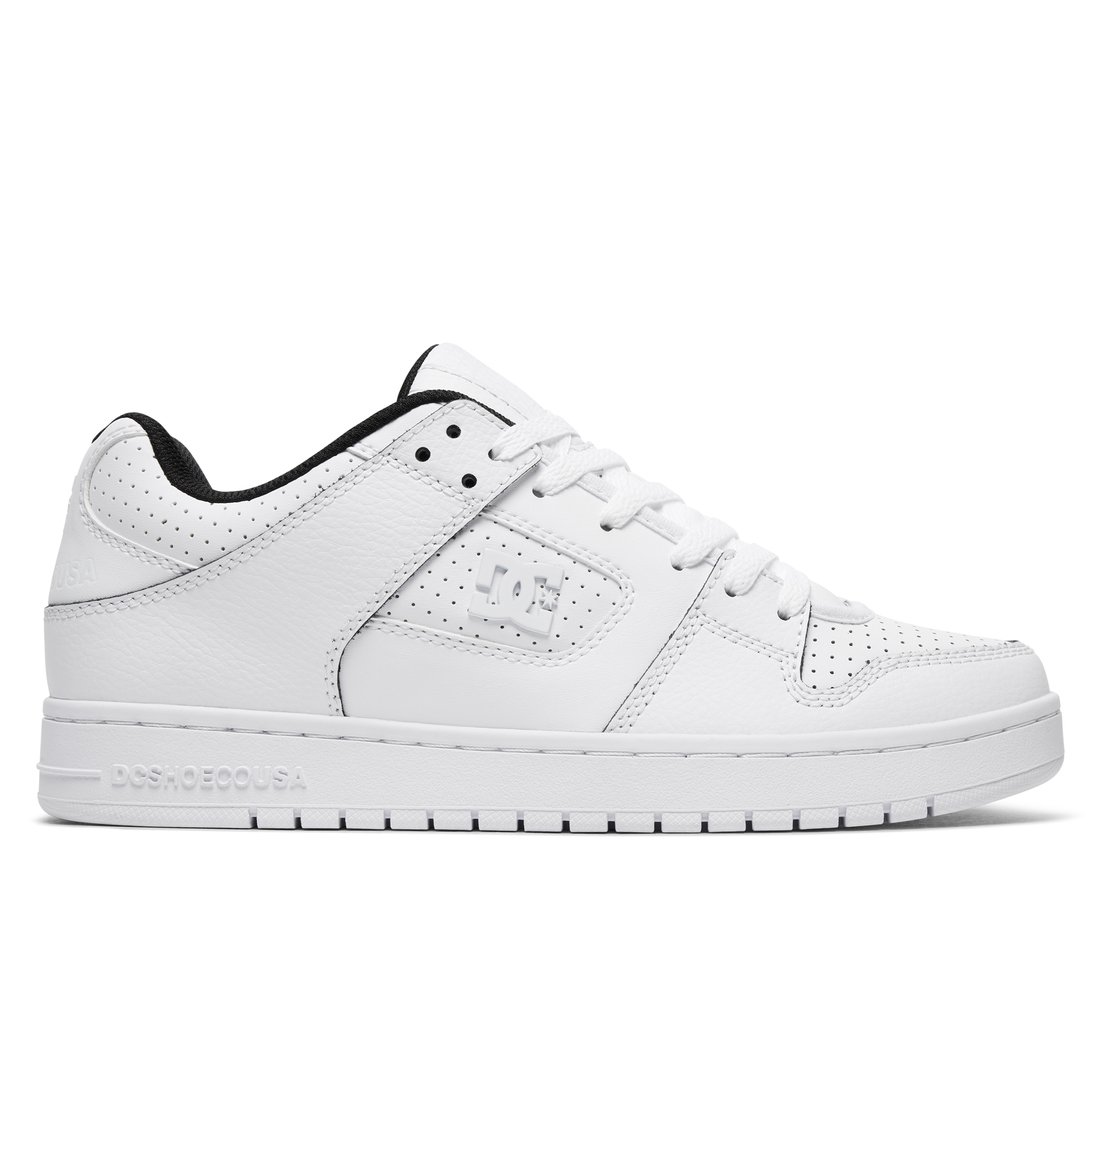 0 Tenis Masculino DC Shoes Manteca SE Branco BRADYS100314 DC Shoes 48b1058e82